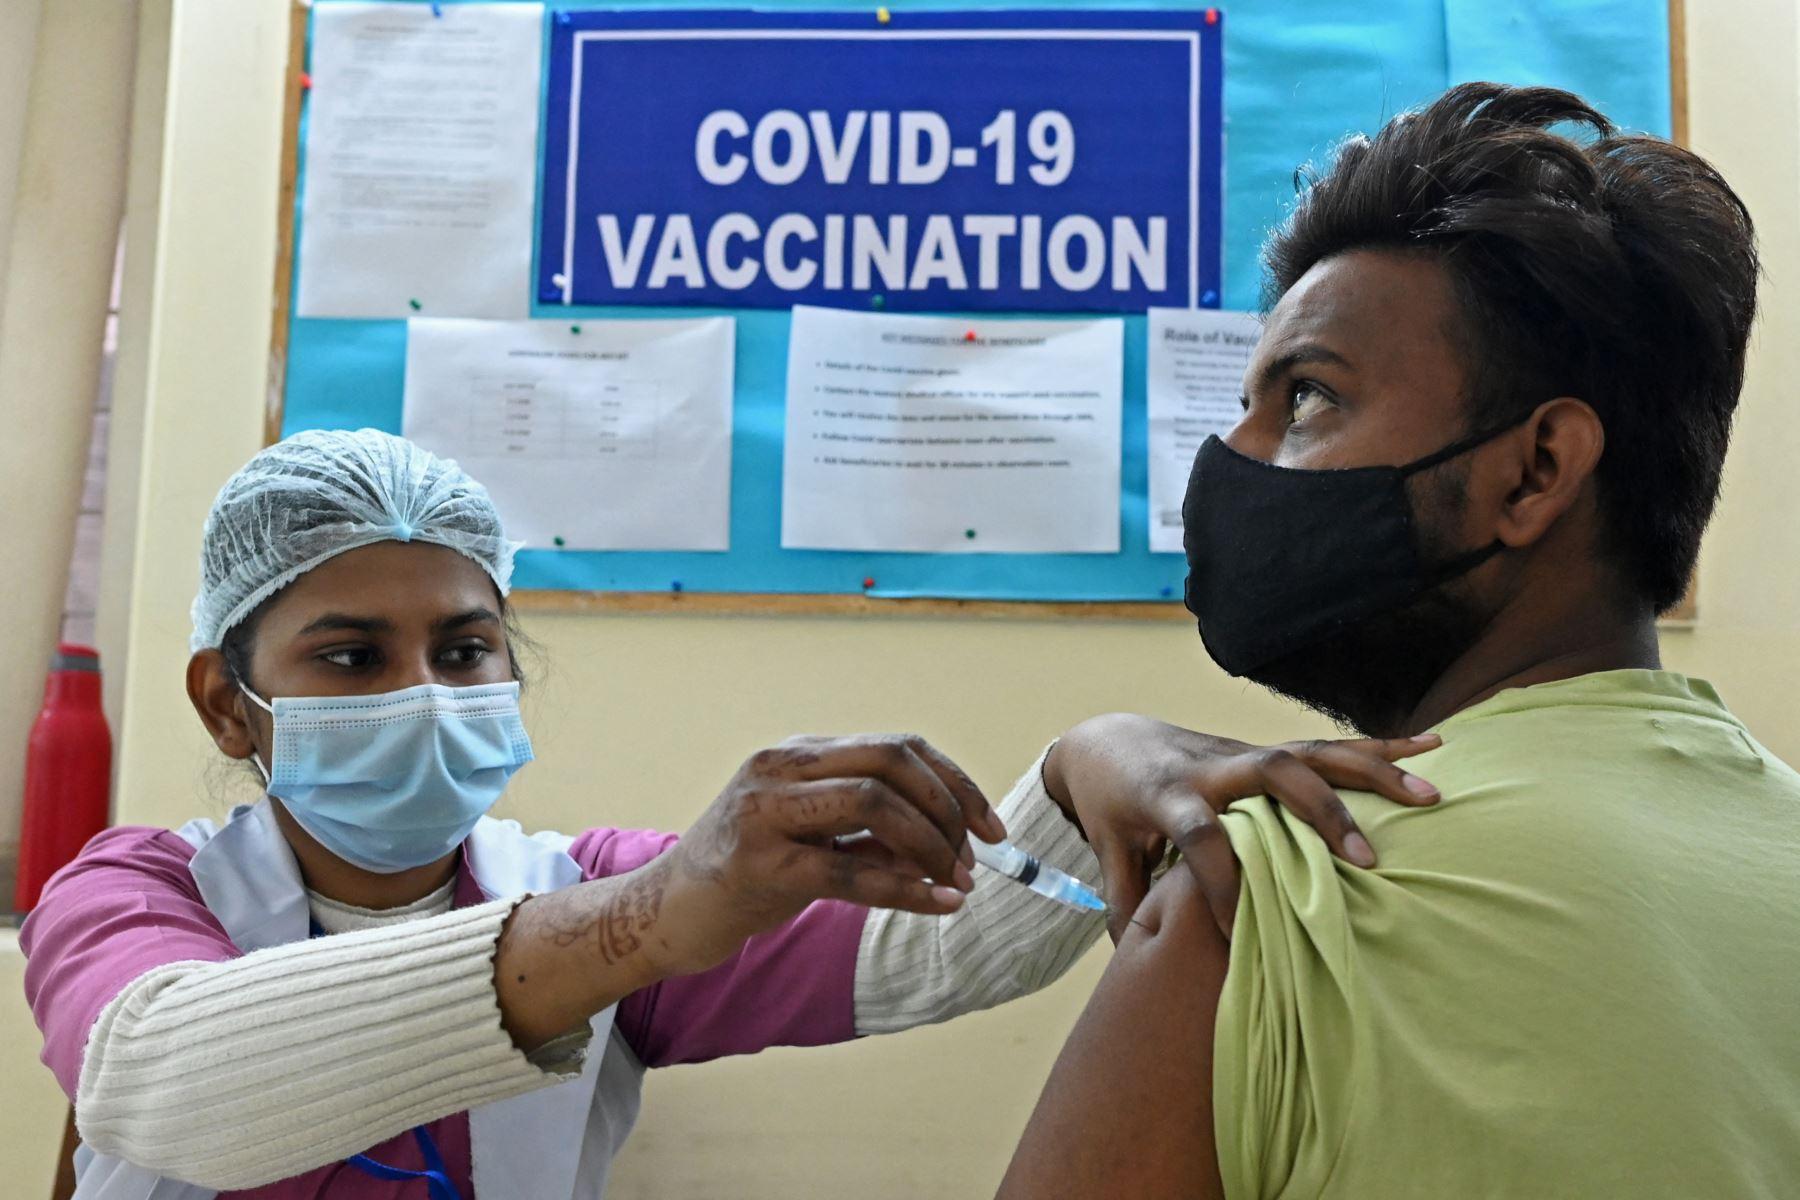 Un trabajador médico inocula a un trabajador municipal con una vacuna contra el coronavirus Covid-19 en un centro de vacunación en Nueva Delhi. Desde el comienzo de la epidemia más de 111.331.990 personas contrajeron la enfermedad. De ellas al menos 68.323.000 se recuperaron, según las autoridades. Foto: AFP